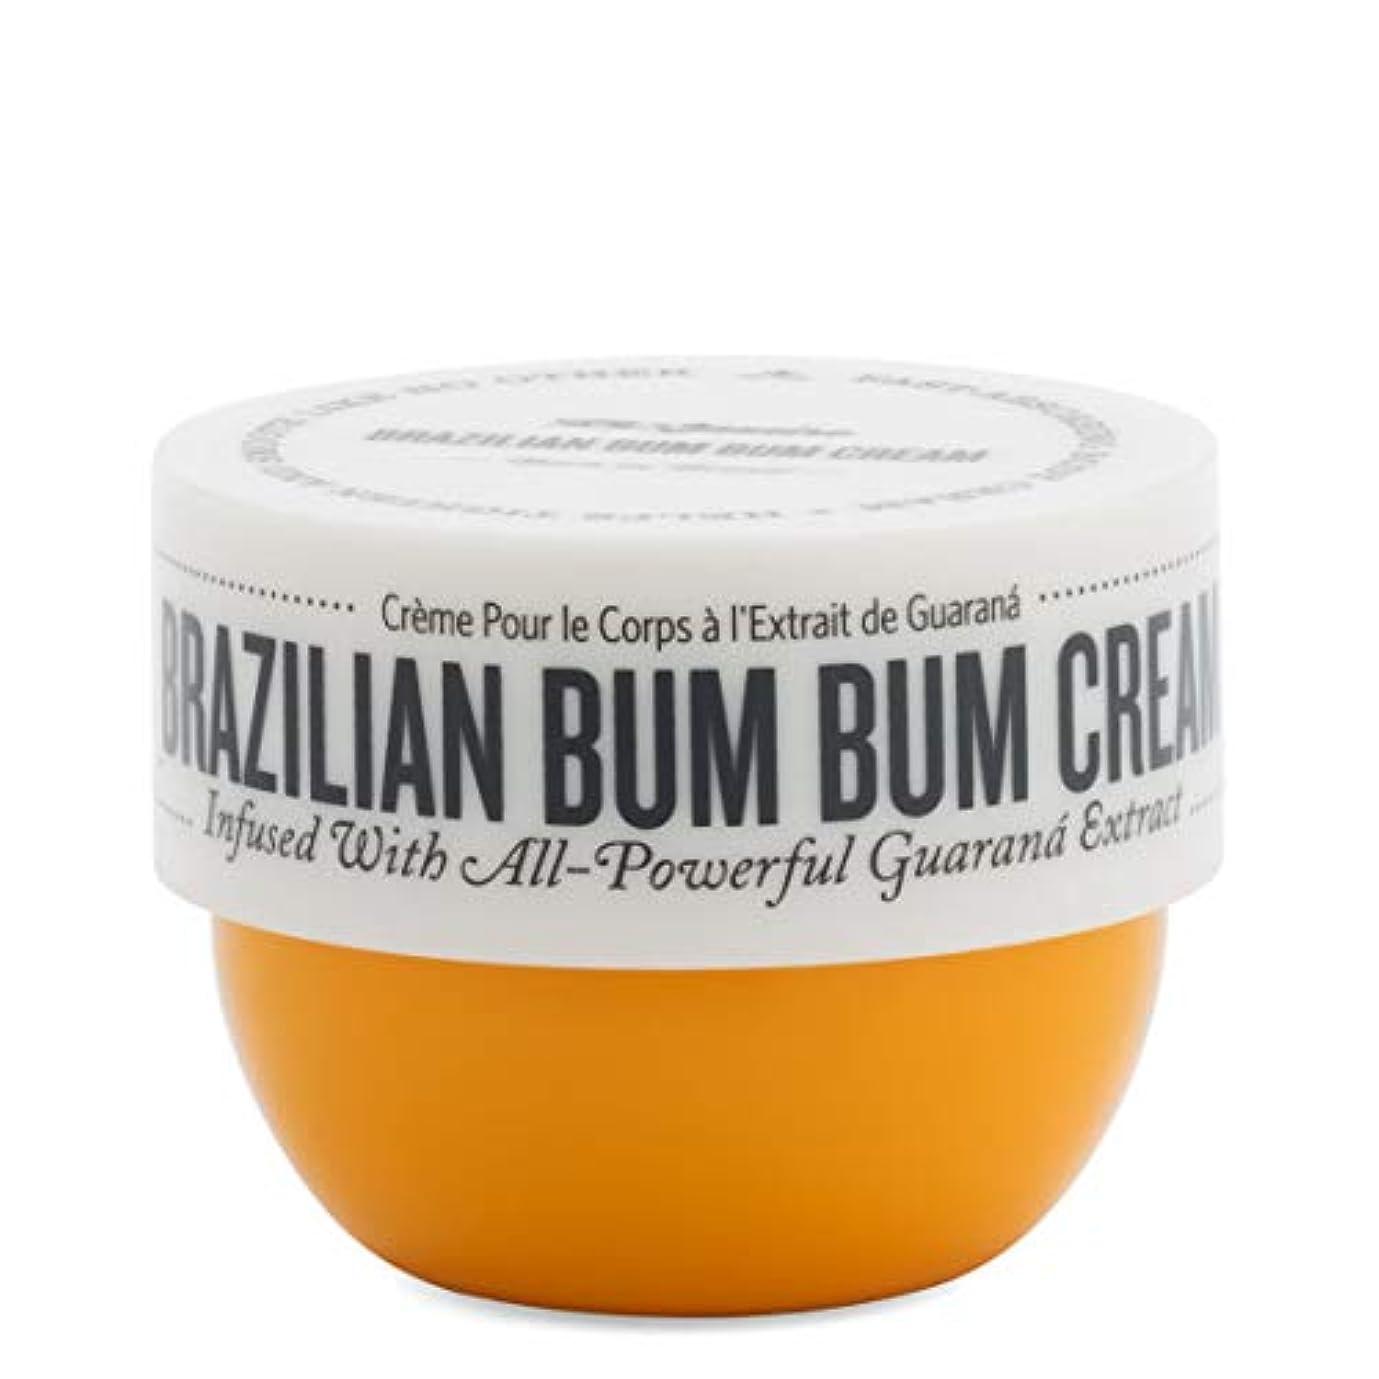 刺す種をまく国際《 ブラジリアン ブンブンクリーム 》Brazilian BUM BUM Cream (74ml)